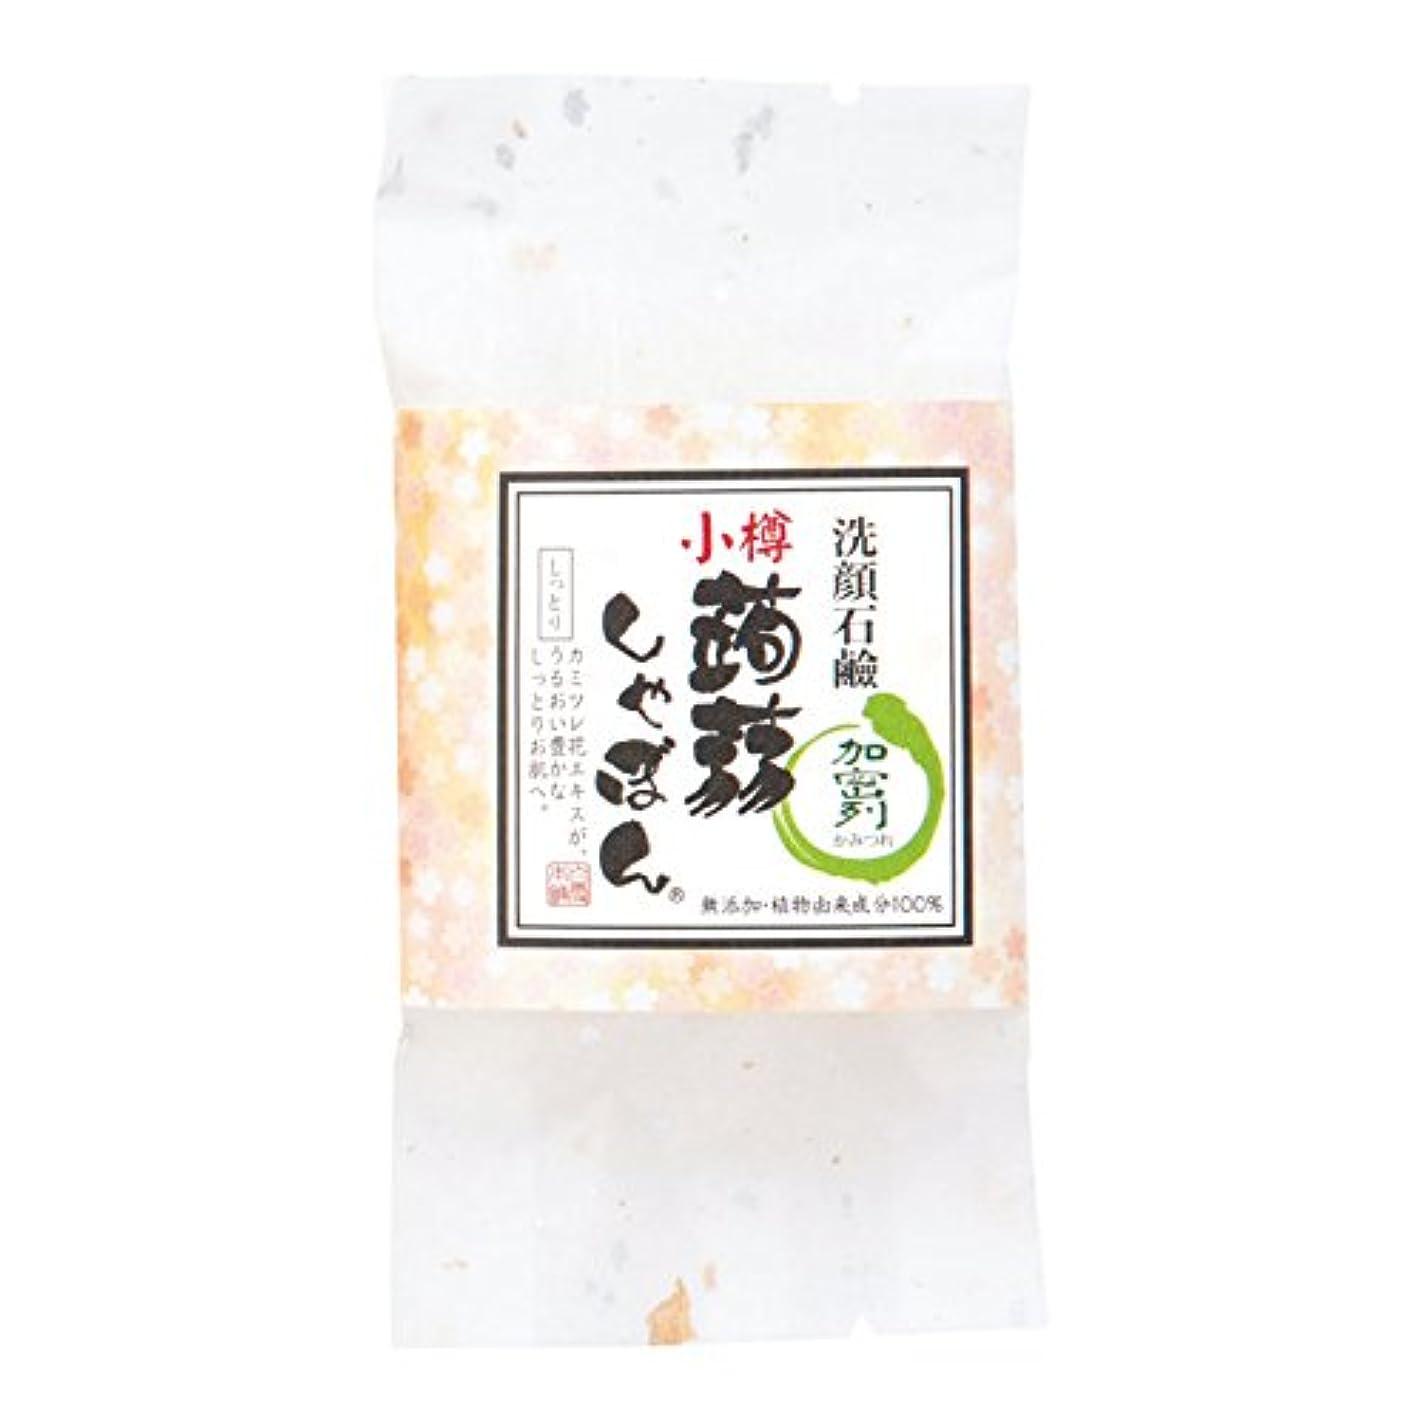 オークションハチ全体小樽蒟蒻しゃぼん小樽 加密列(かみつれ)